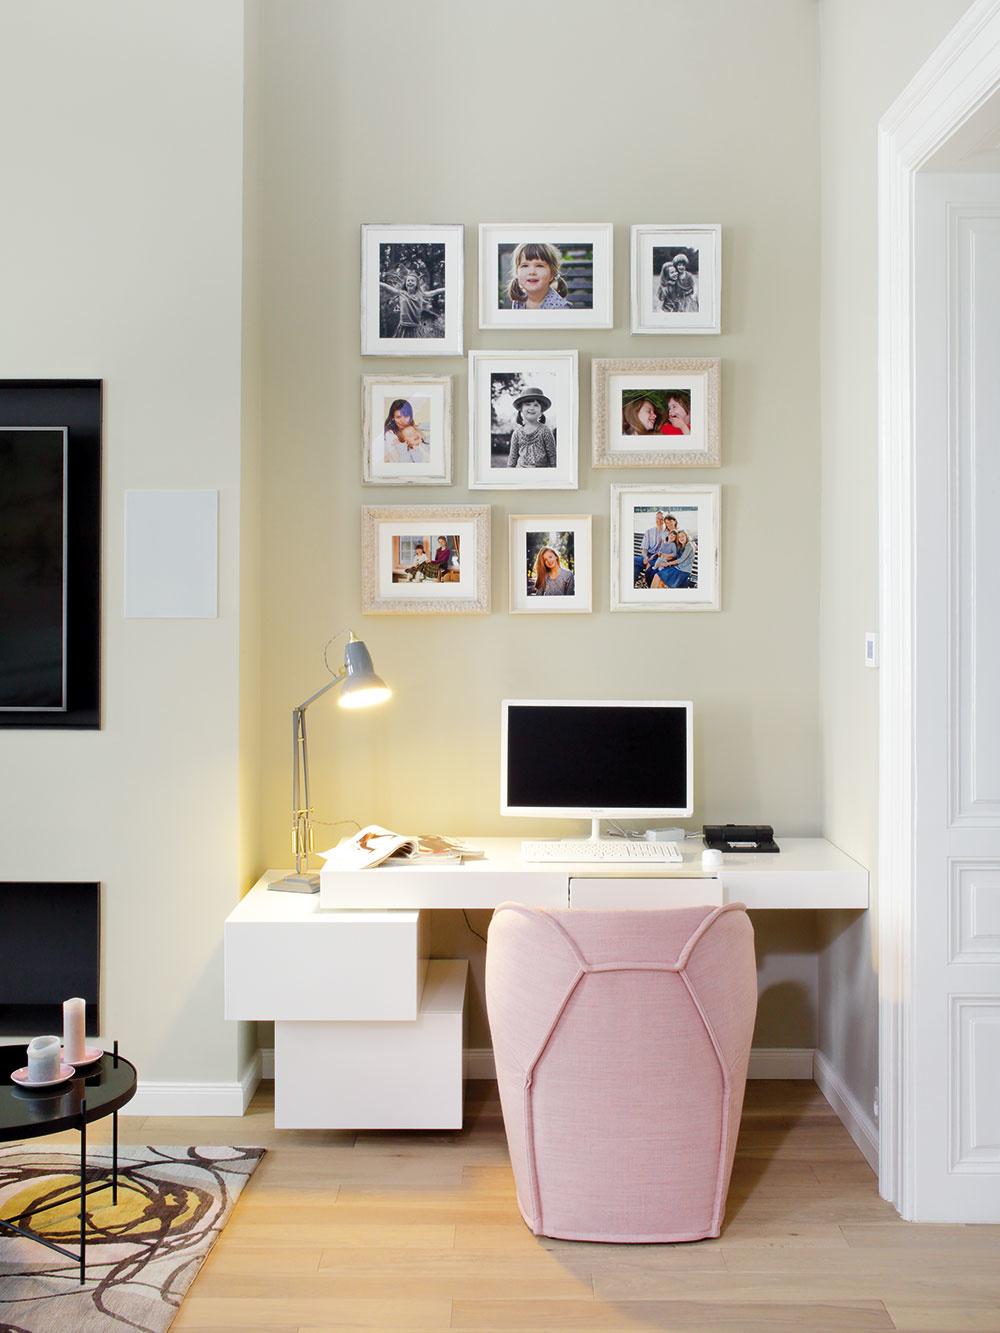 Nápad spredsadenou stenou, do ktorej je zapustený kozub na bioalkohol aosadená televízia, prospel obývačke nielen esteticky. Vznikla tým ipraktická nika na pracovný kút. Písací stôl je vyrobený na mieru podľa návrhu, ktorý vytvorila Ivanka Kowalski.